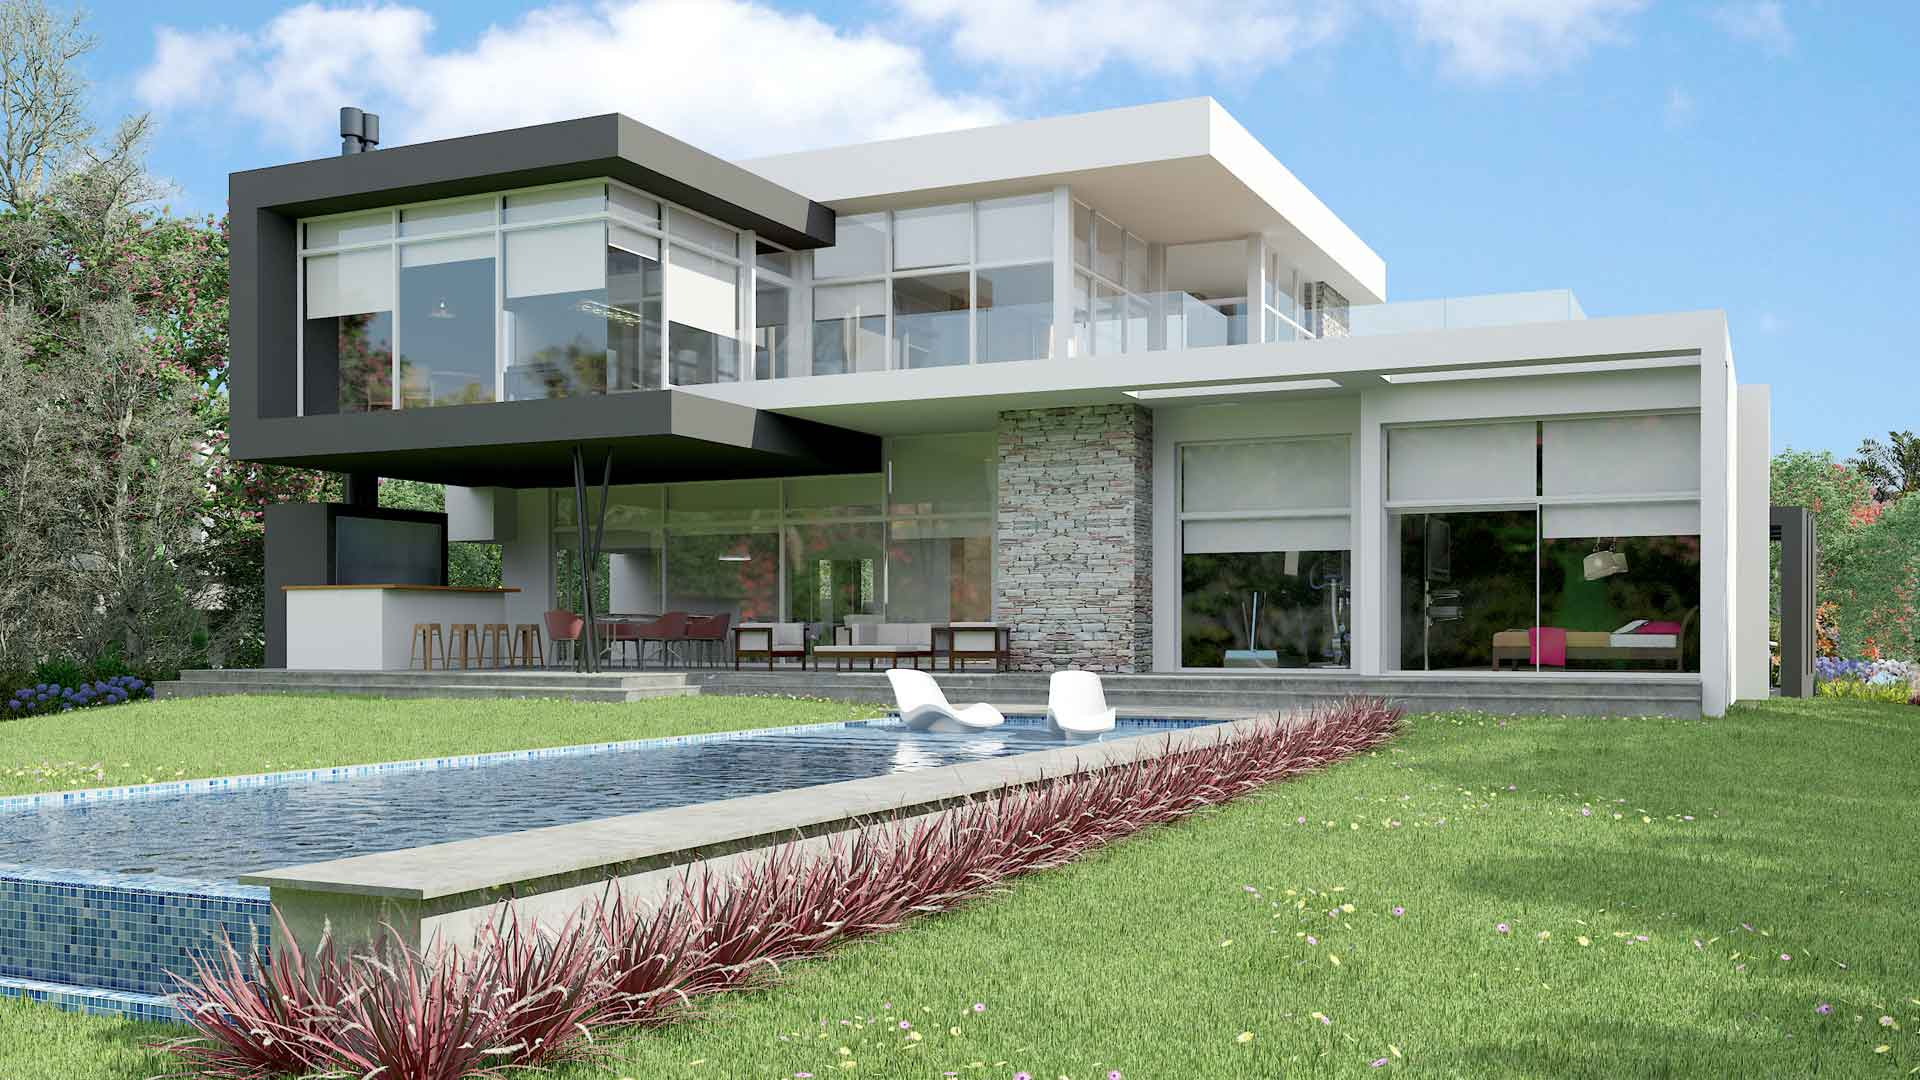 Renders interiores y exteriores de casas viviendas i for Casas para exteriores